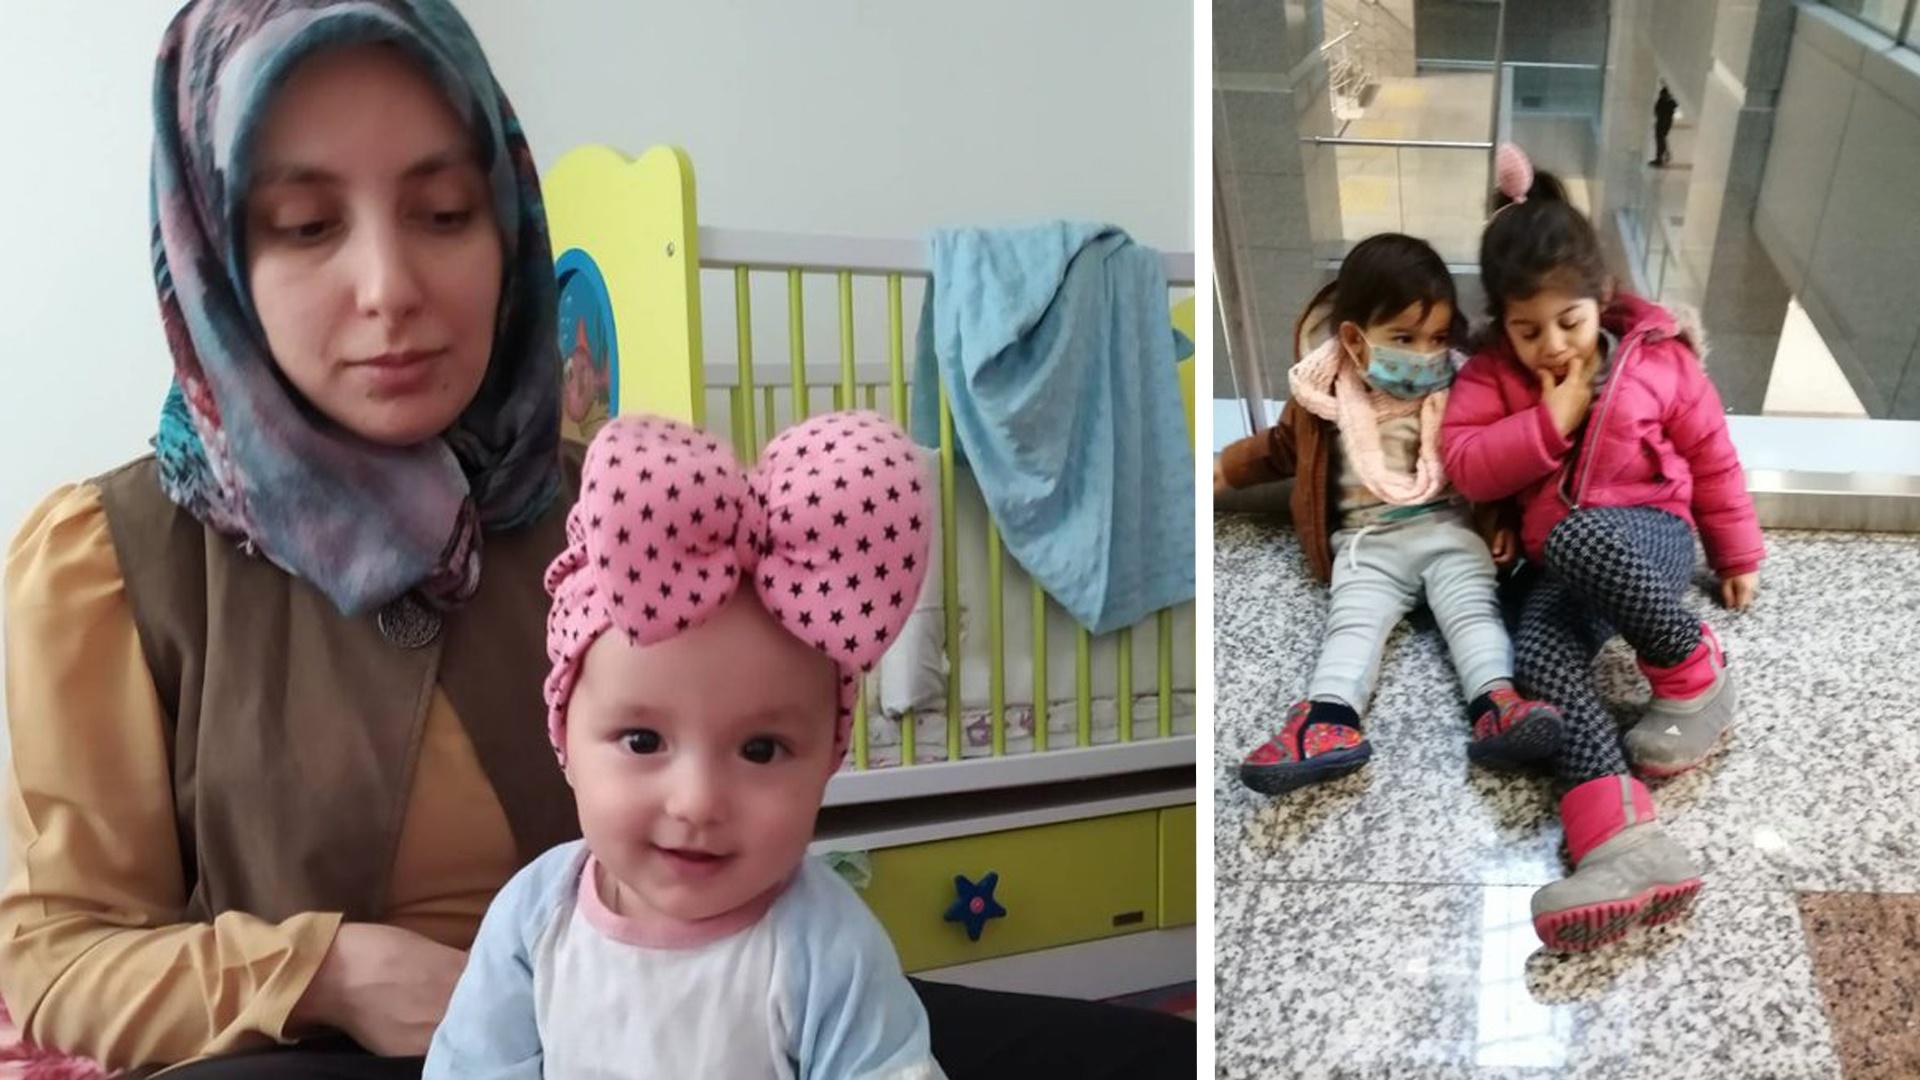 Hapishanelerde 800'den fazla çocuk ve bebek … bir parlamenter Erdoğan rejiminin ihlallerini ifşa ediyor